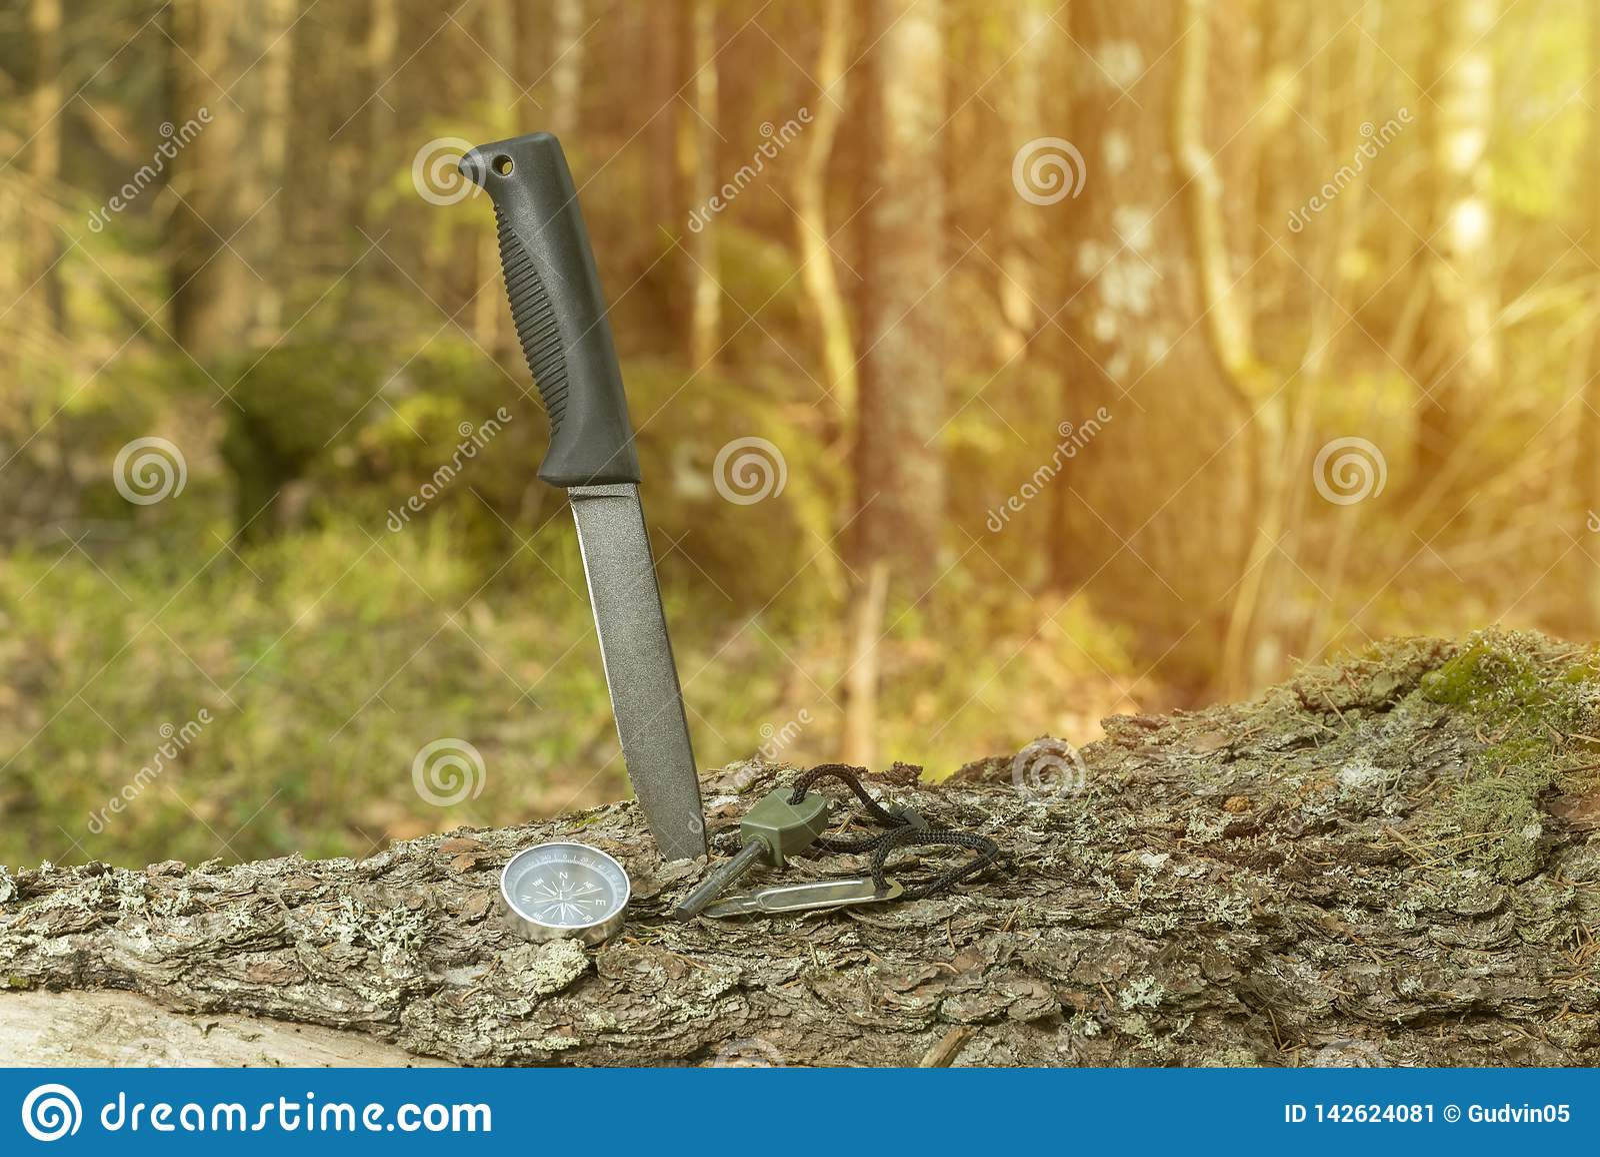 Messer, Kompass und Feuerstein auf dem Stumpf im Wald